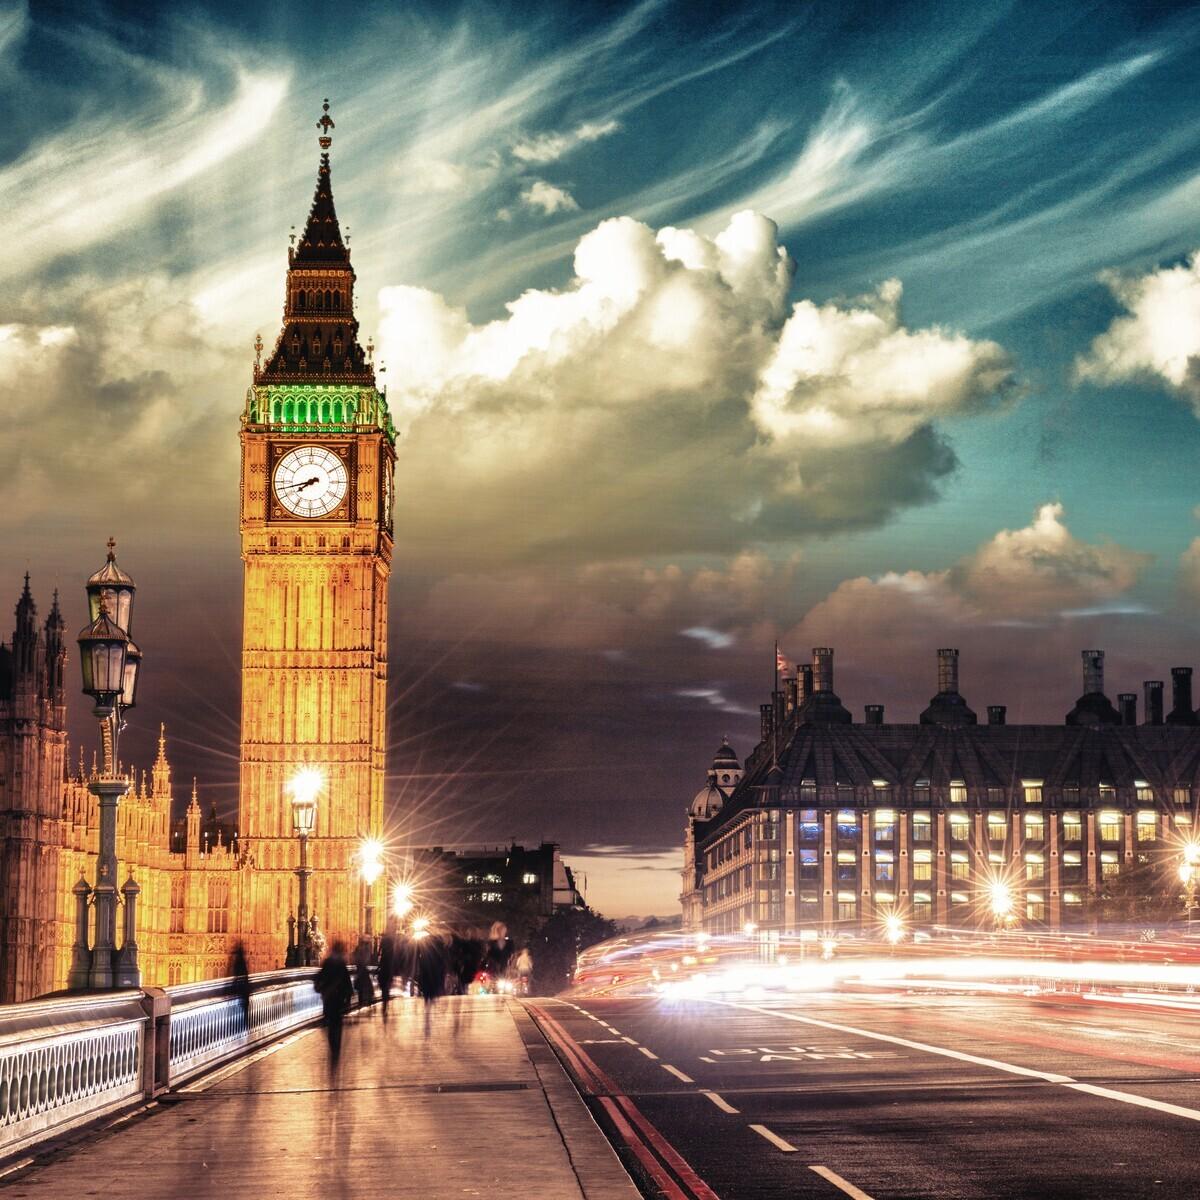 İngiltere'de 3 Hafta Dil Bursu ve Türkiye'de 3 Kur Dil Eğitimi İndirim